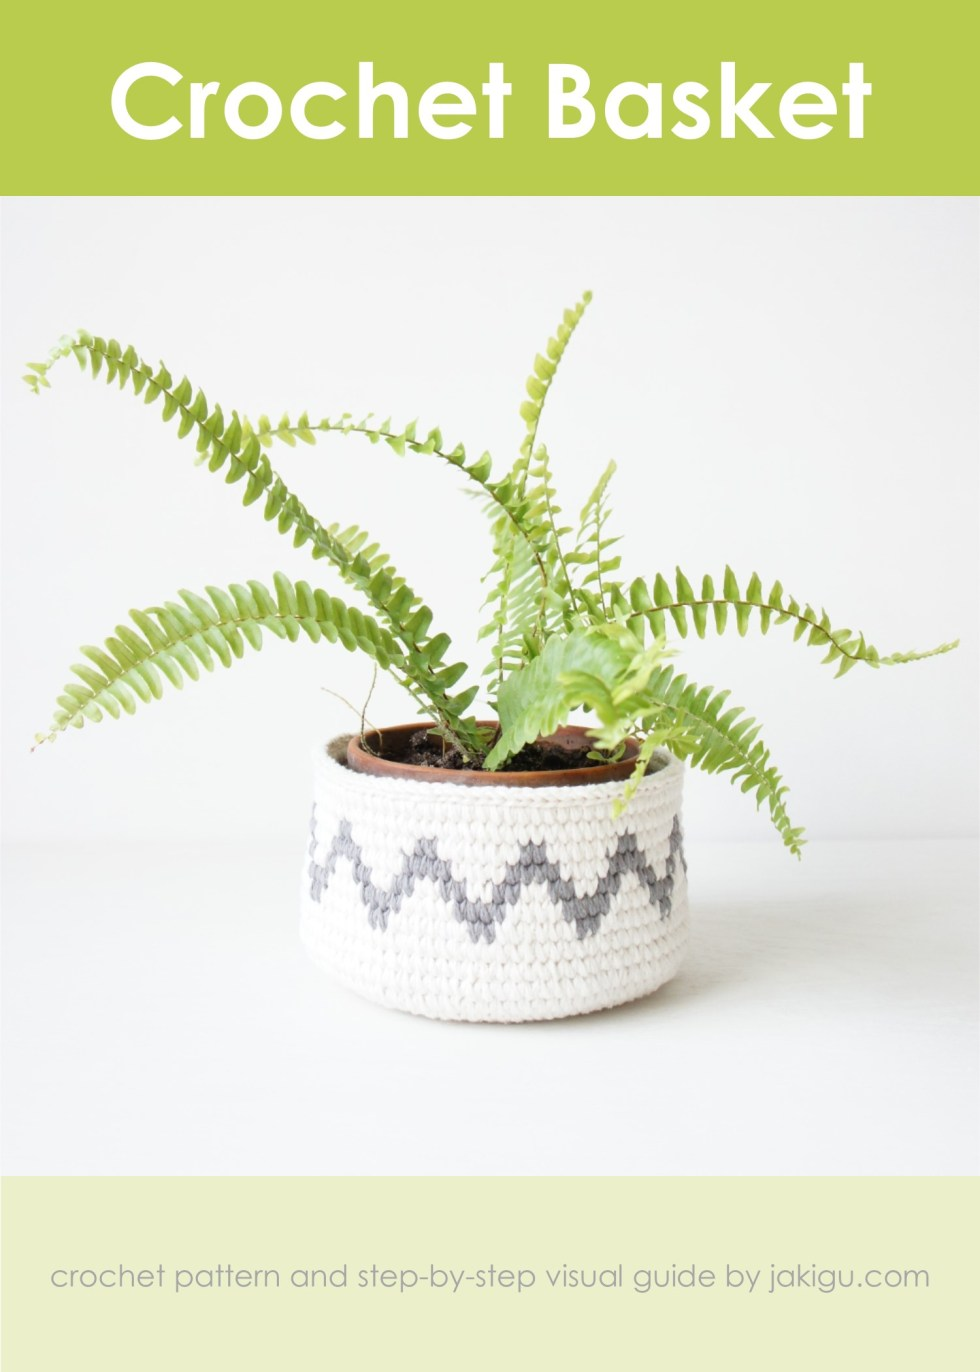 Crochet basket pattern by jakigu.com